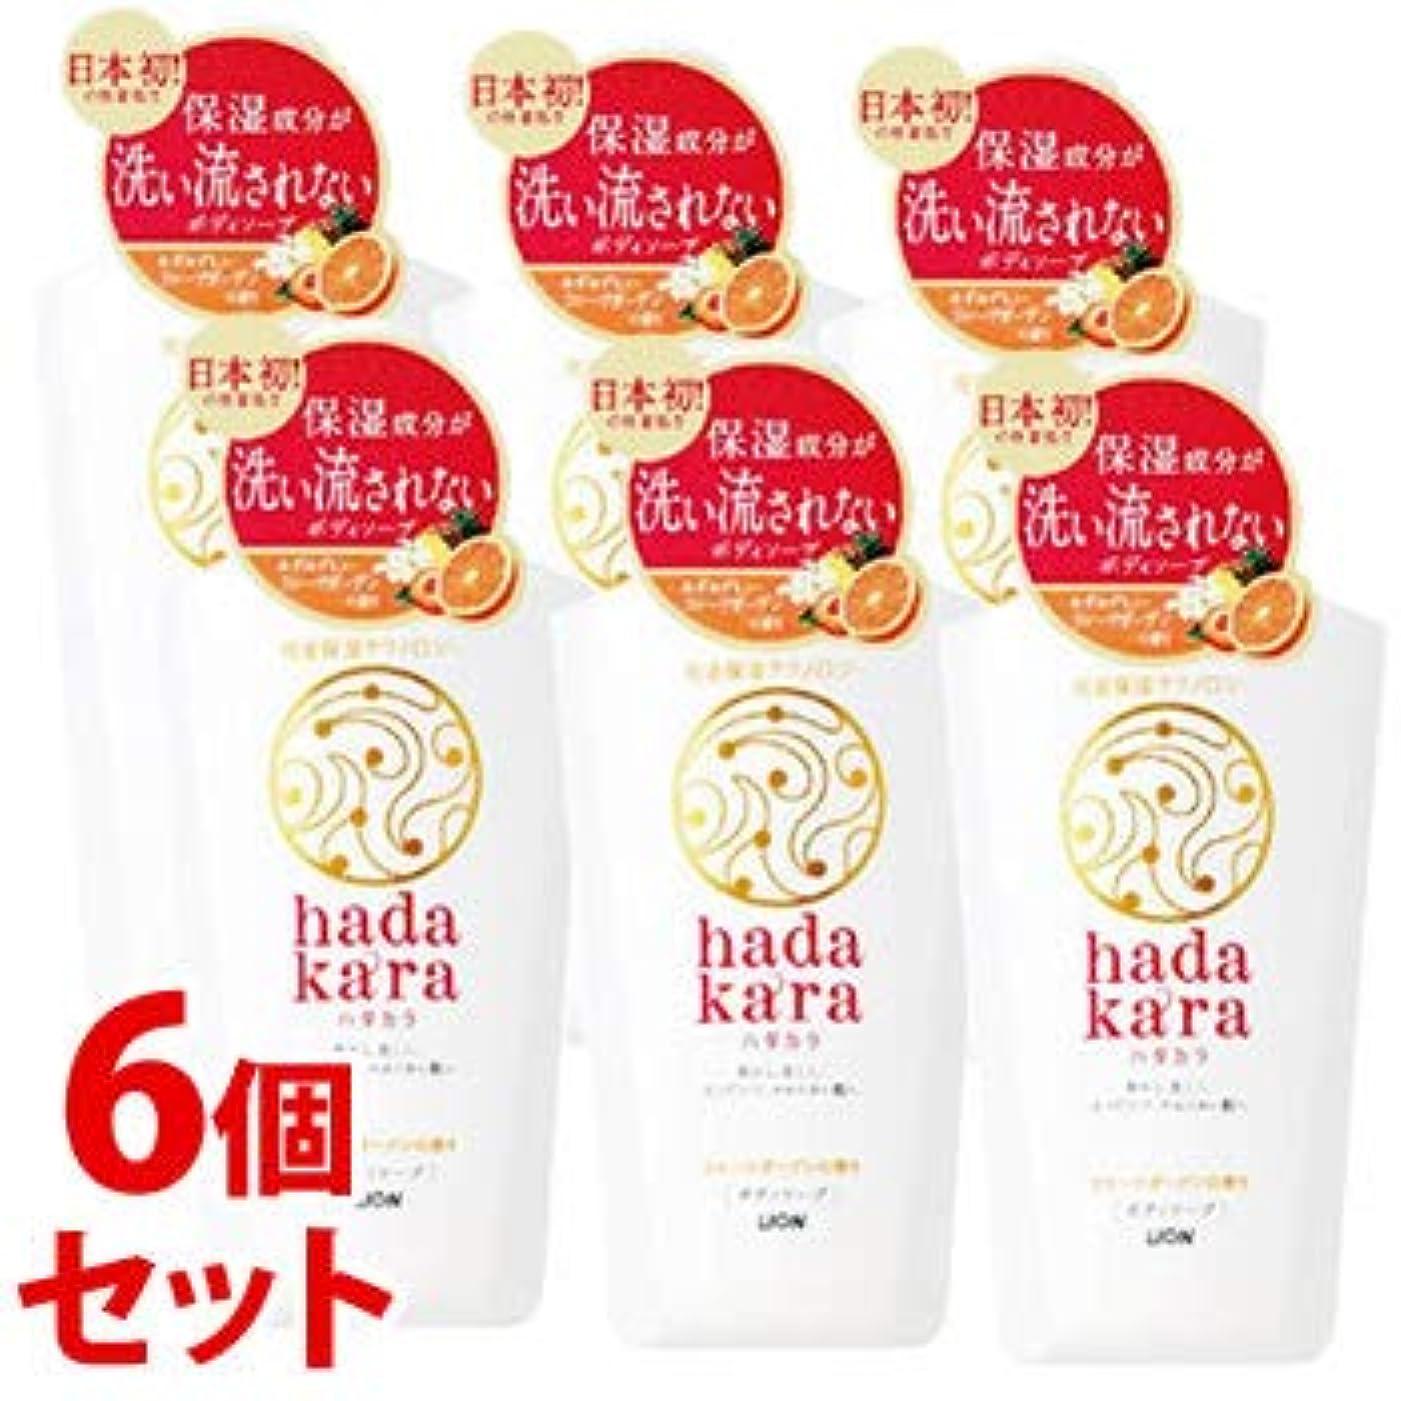 《セット販売》 ライオン ハダカラ hadakara ボディソープ フルーツガーデンの香り 本体 (500mL)×6個セット